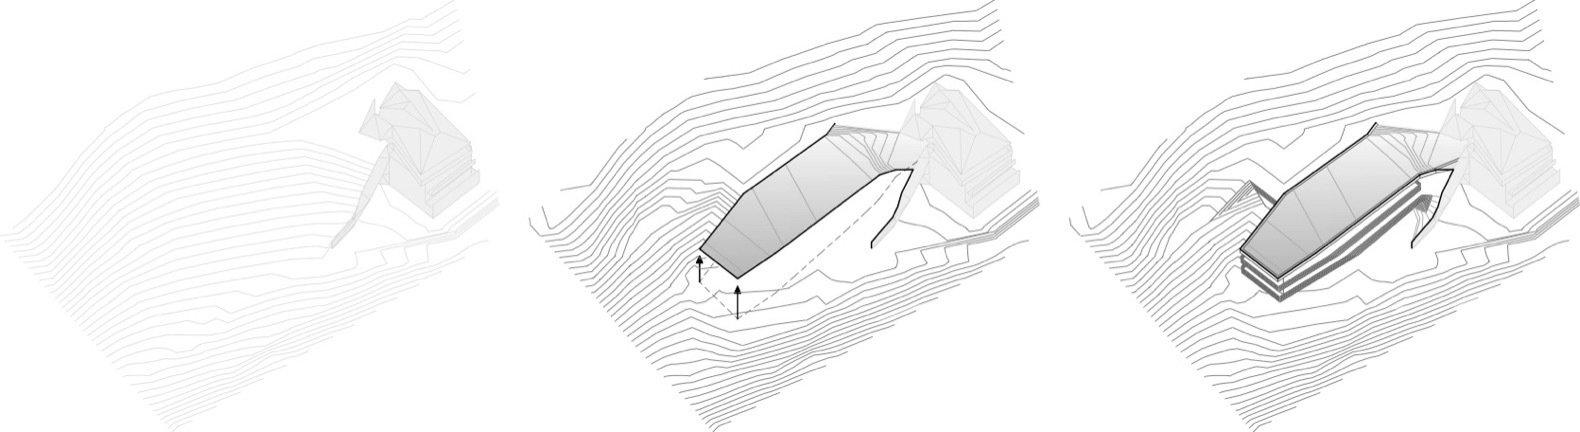 Continuous Extension concept diagram